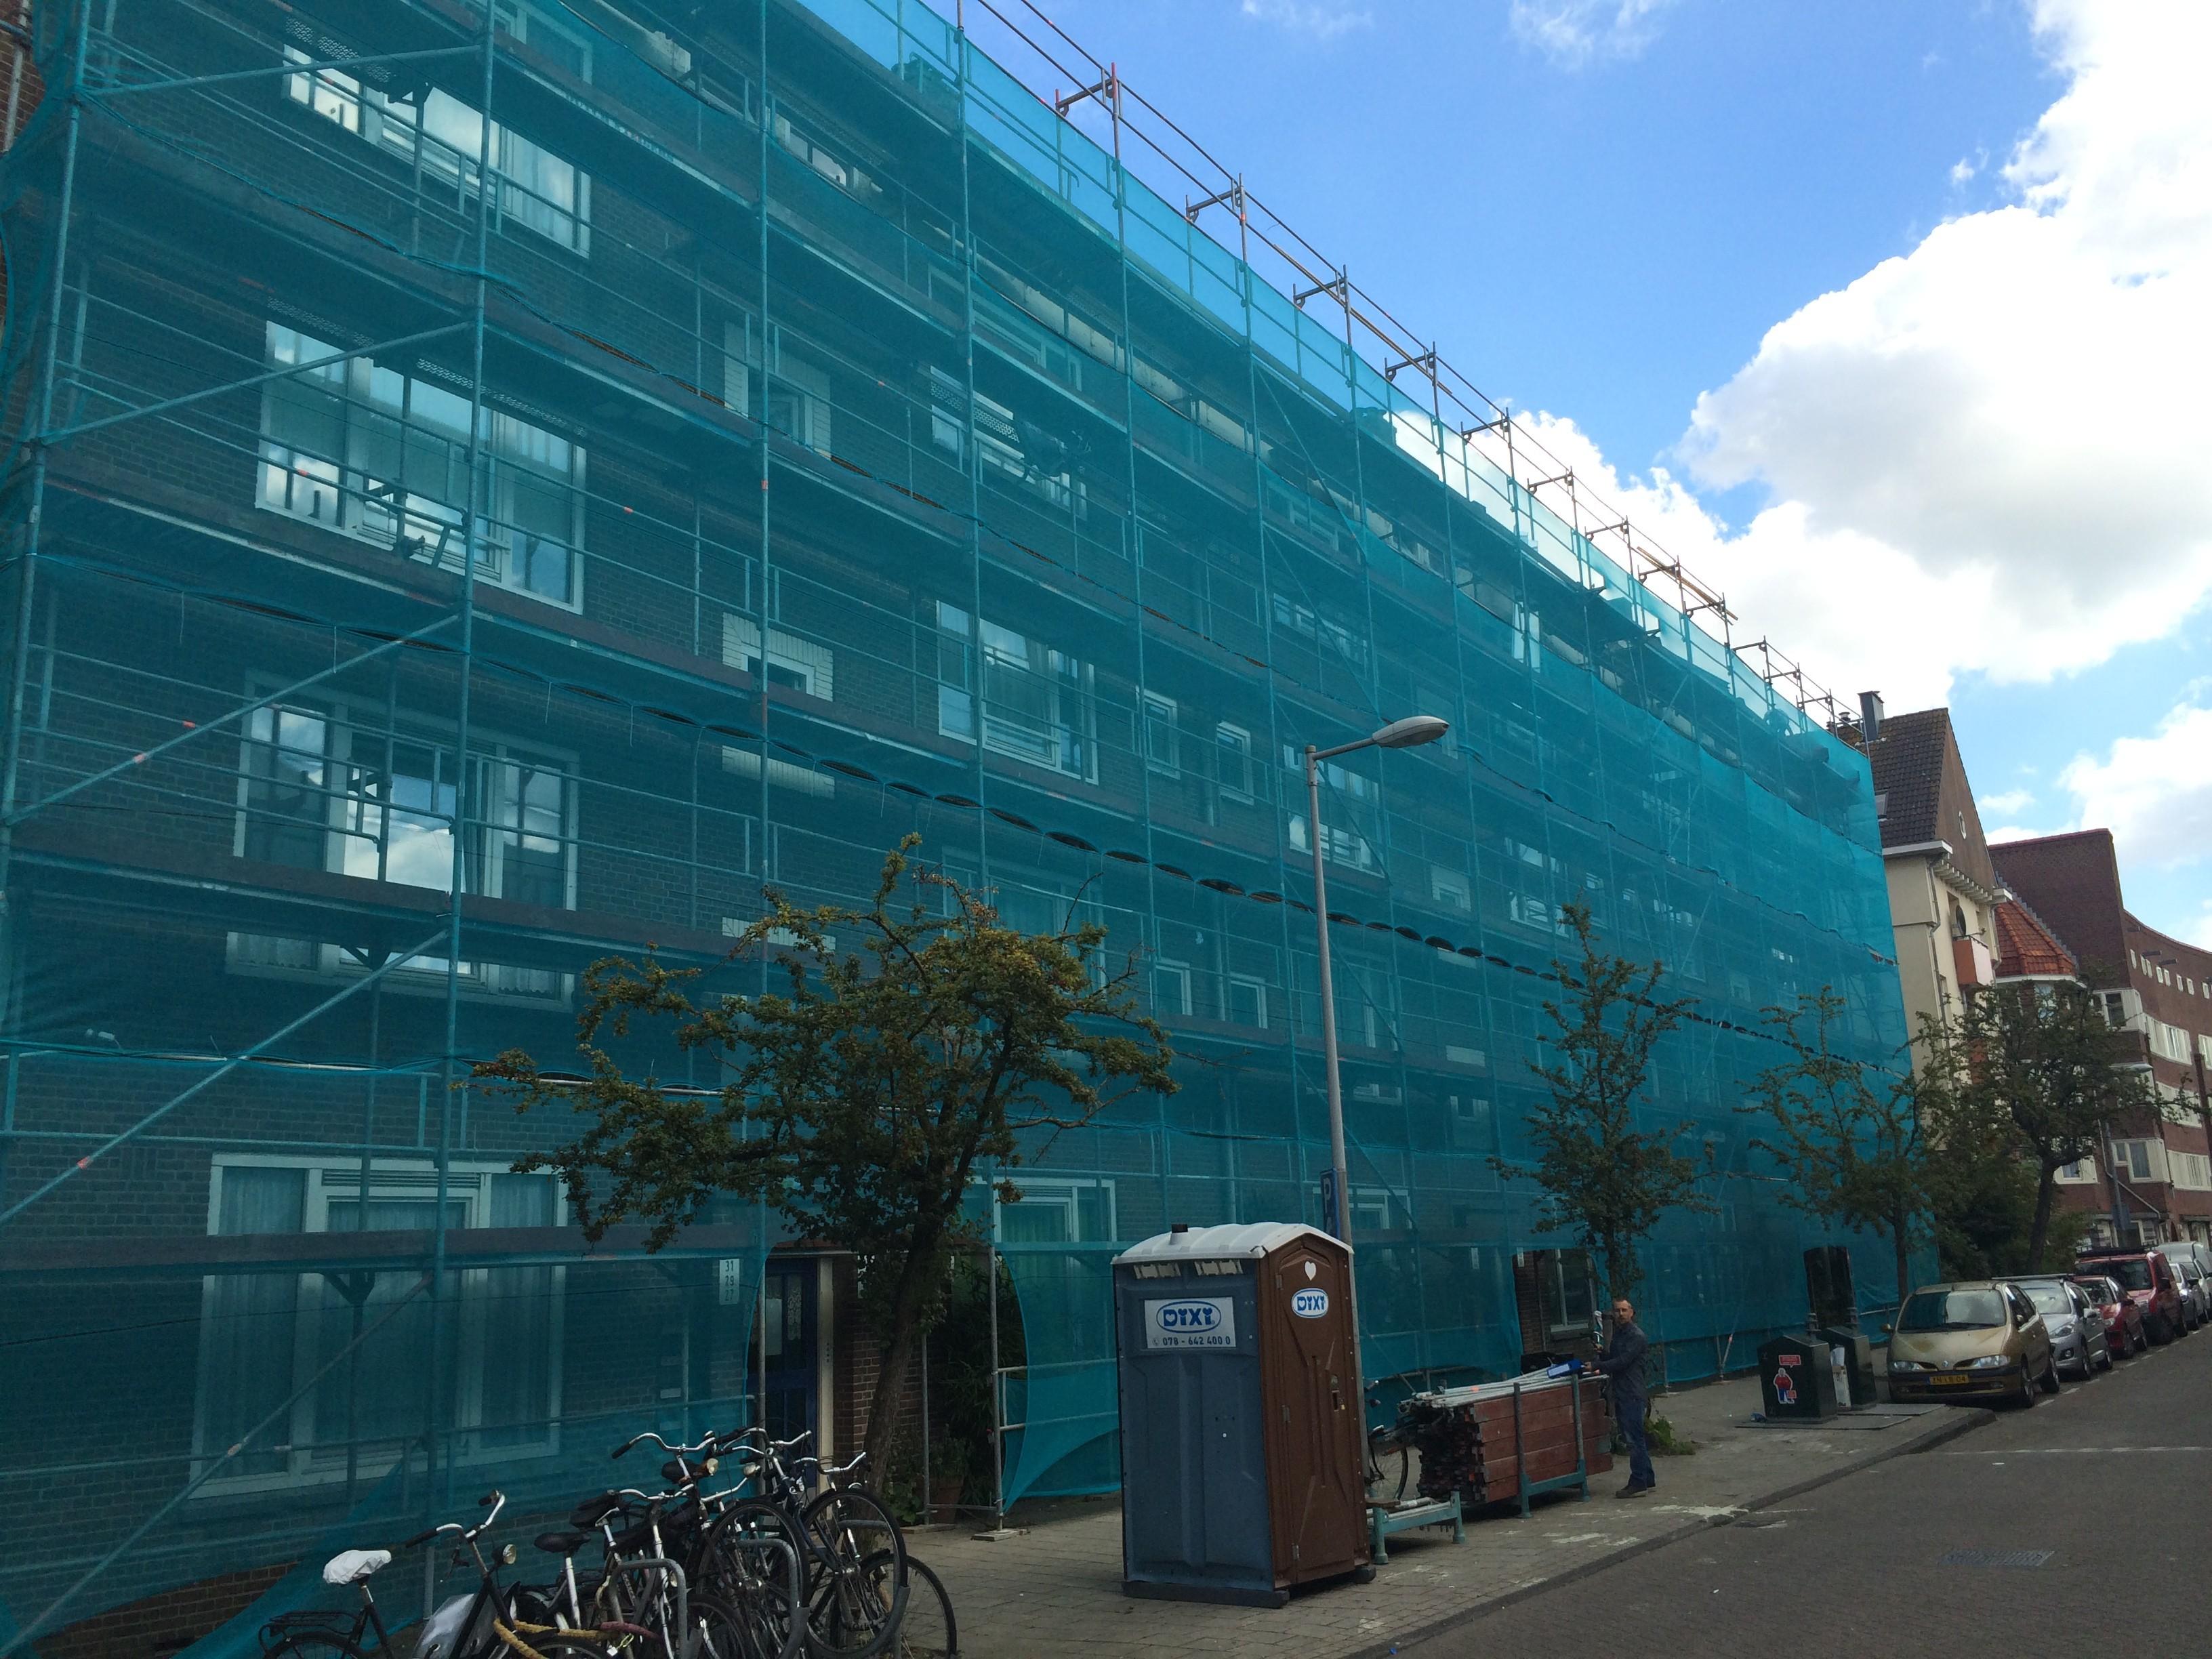 BKT_amsterdam_VvE_gevel_dak_balkon_ondrhoud_zinken_goten_bestek_aanbesteding_Ben_Viljoenstraat_directievoering_01.jpg